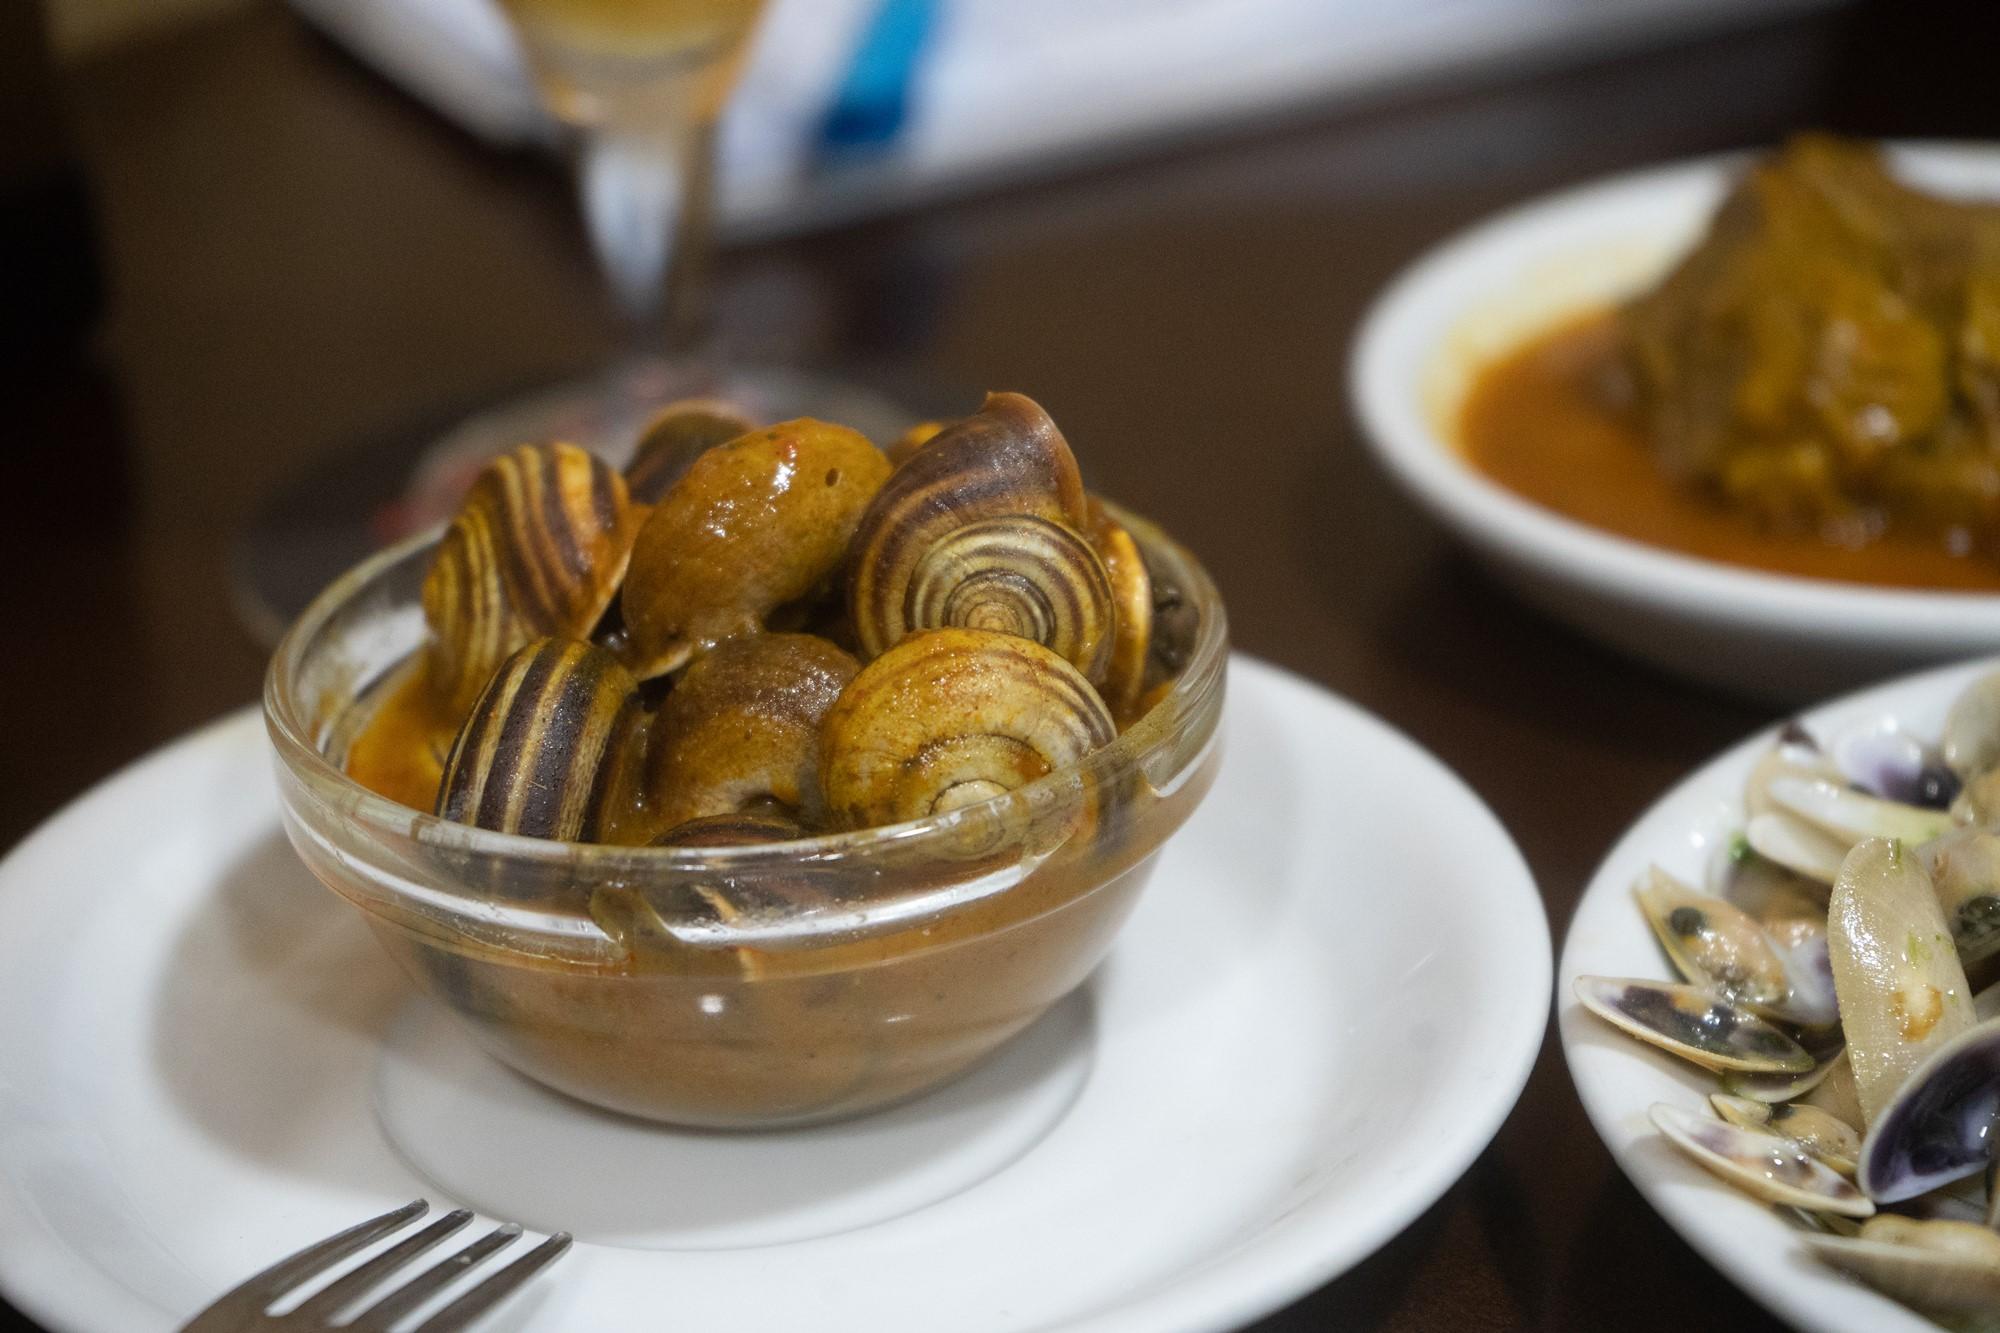 El caracol es una de las especialidades de 'Castelar'.